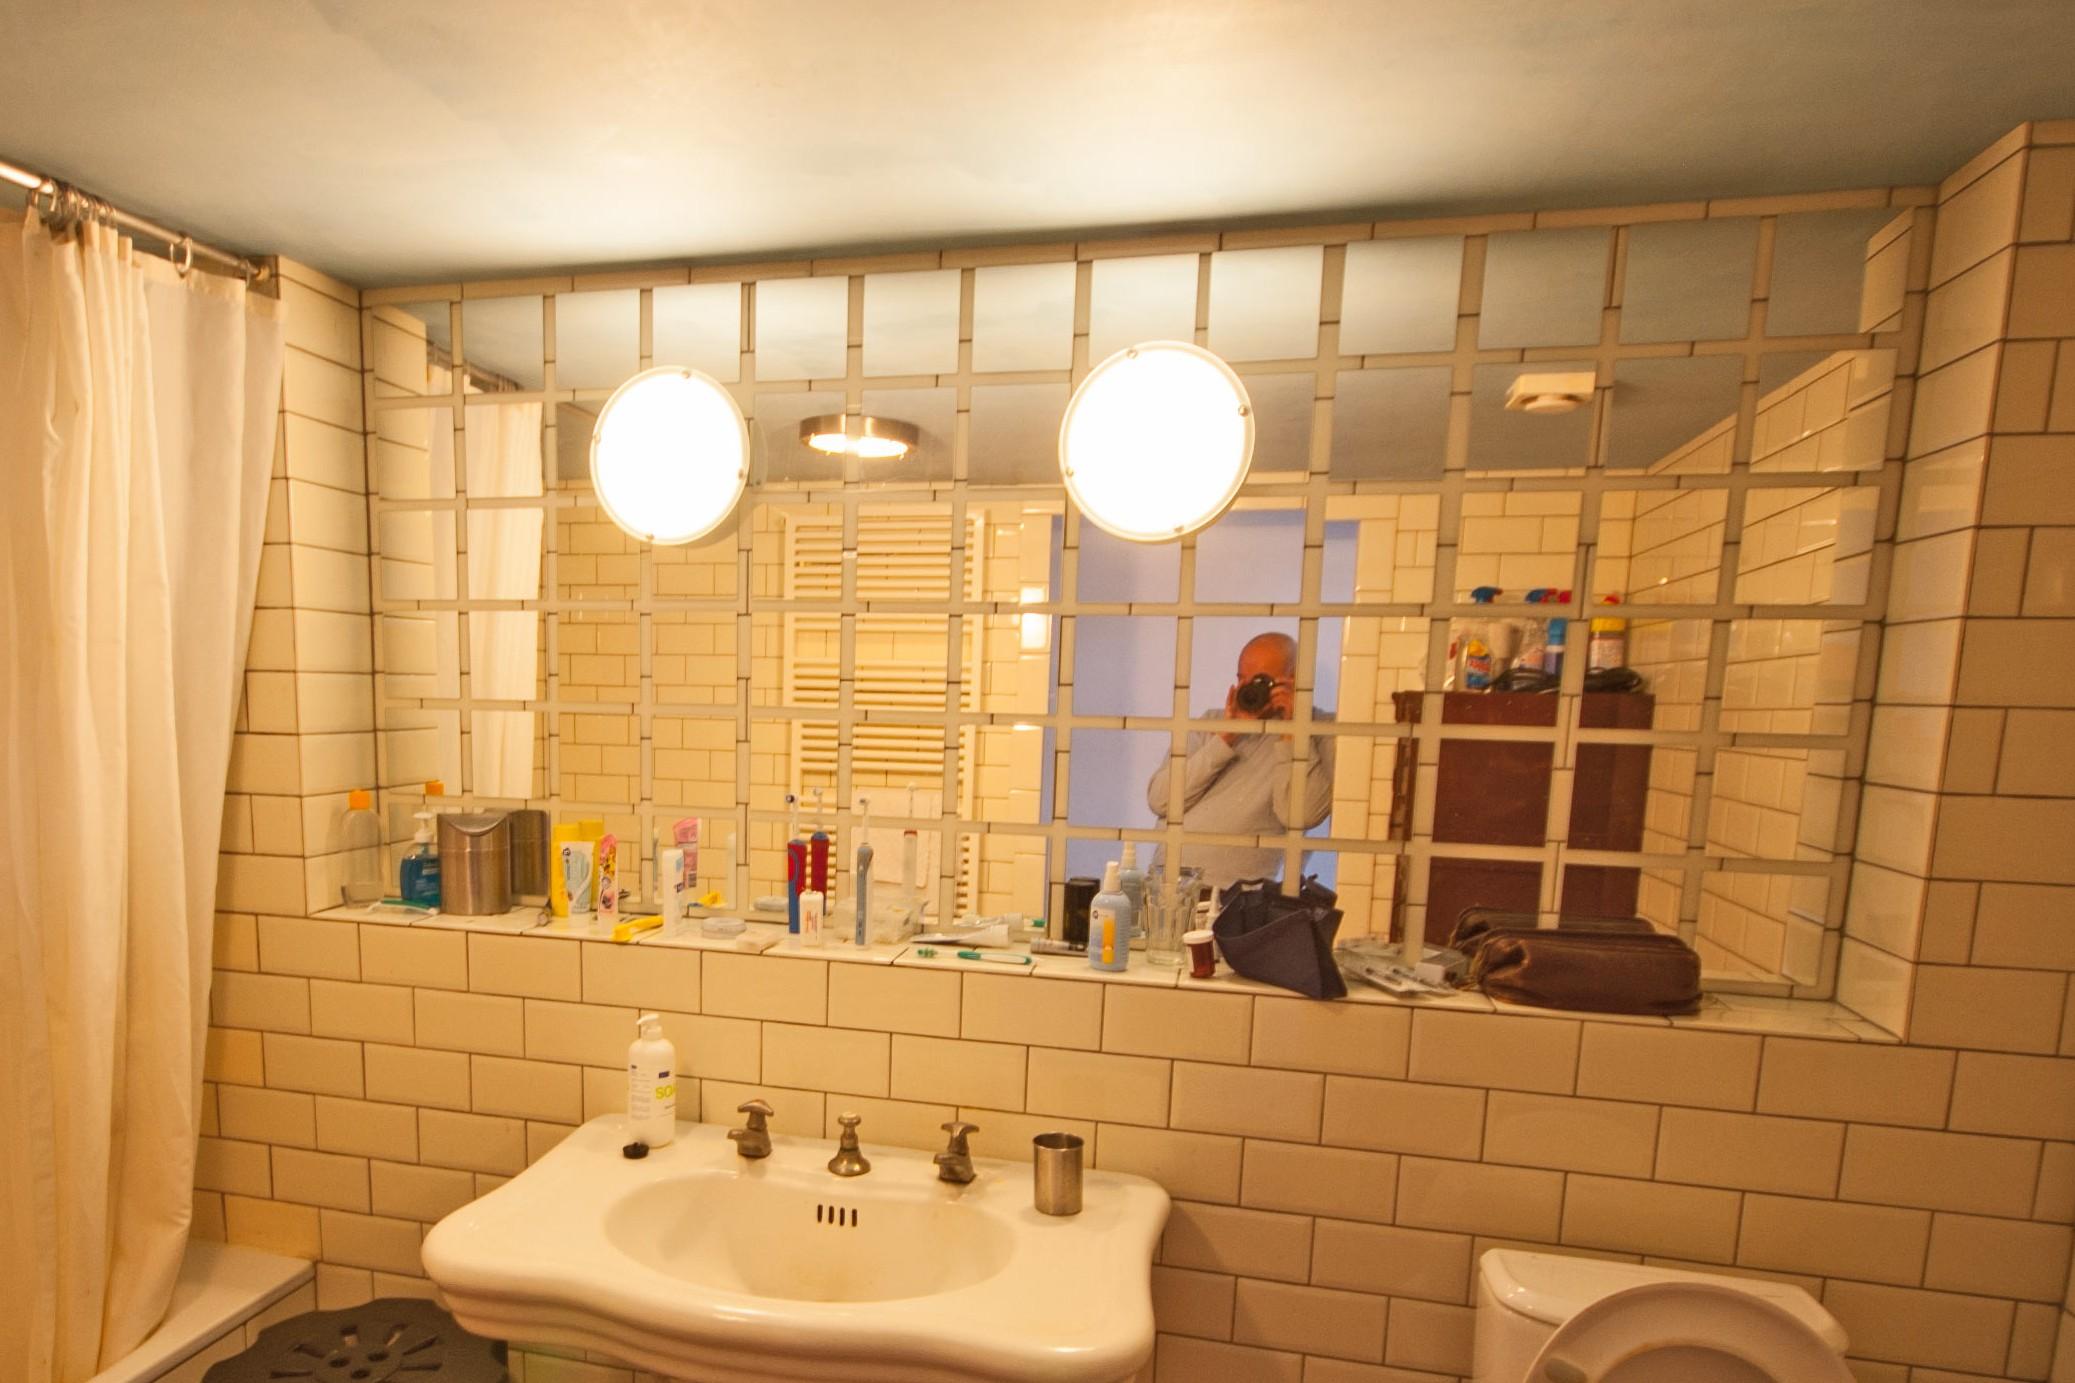 Spiegelwand - Ruimtelijke ontwerp oplossingen